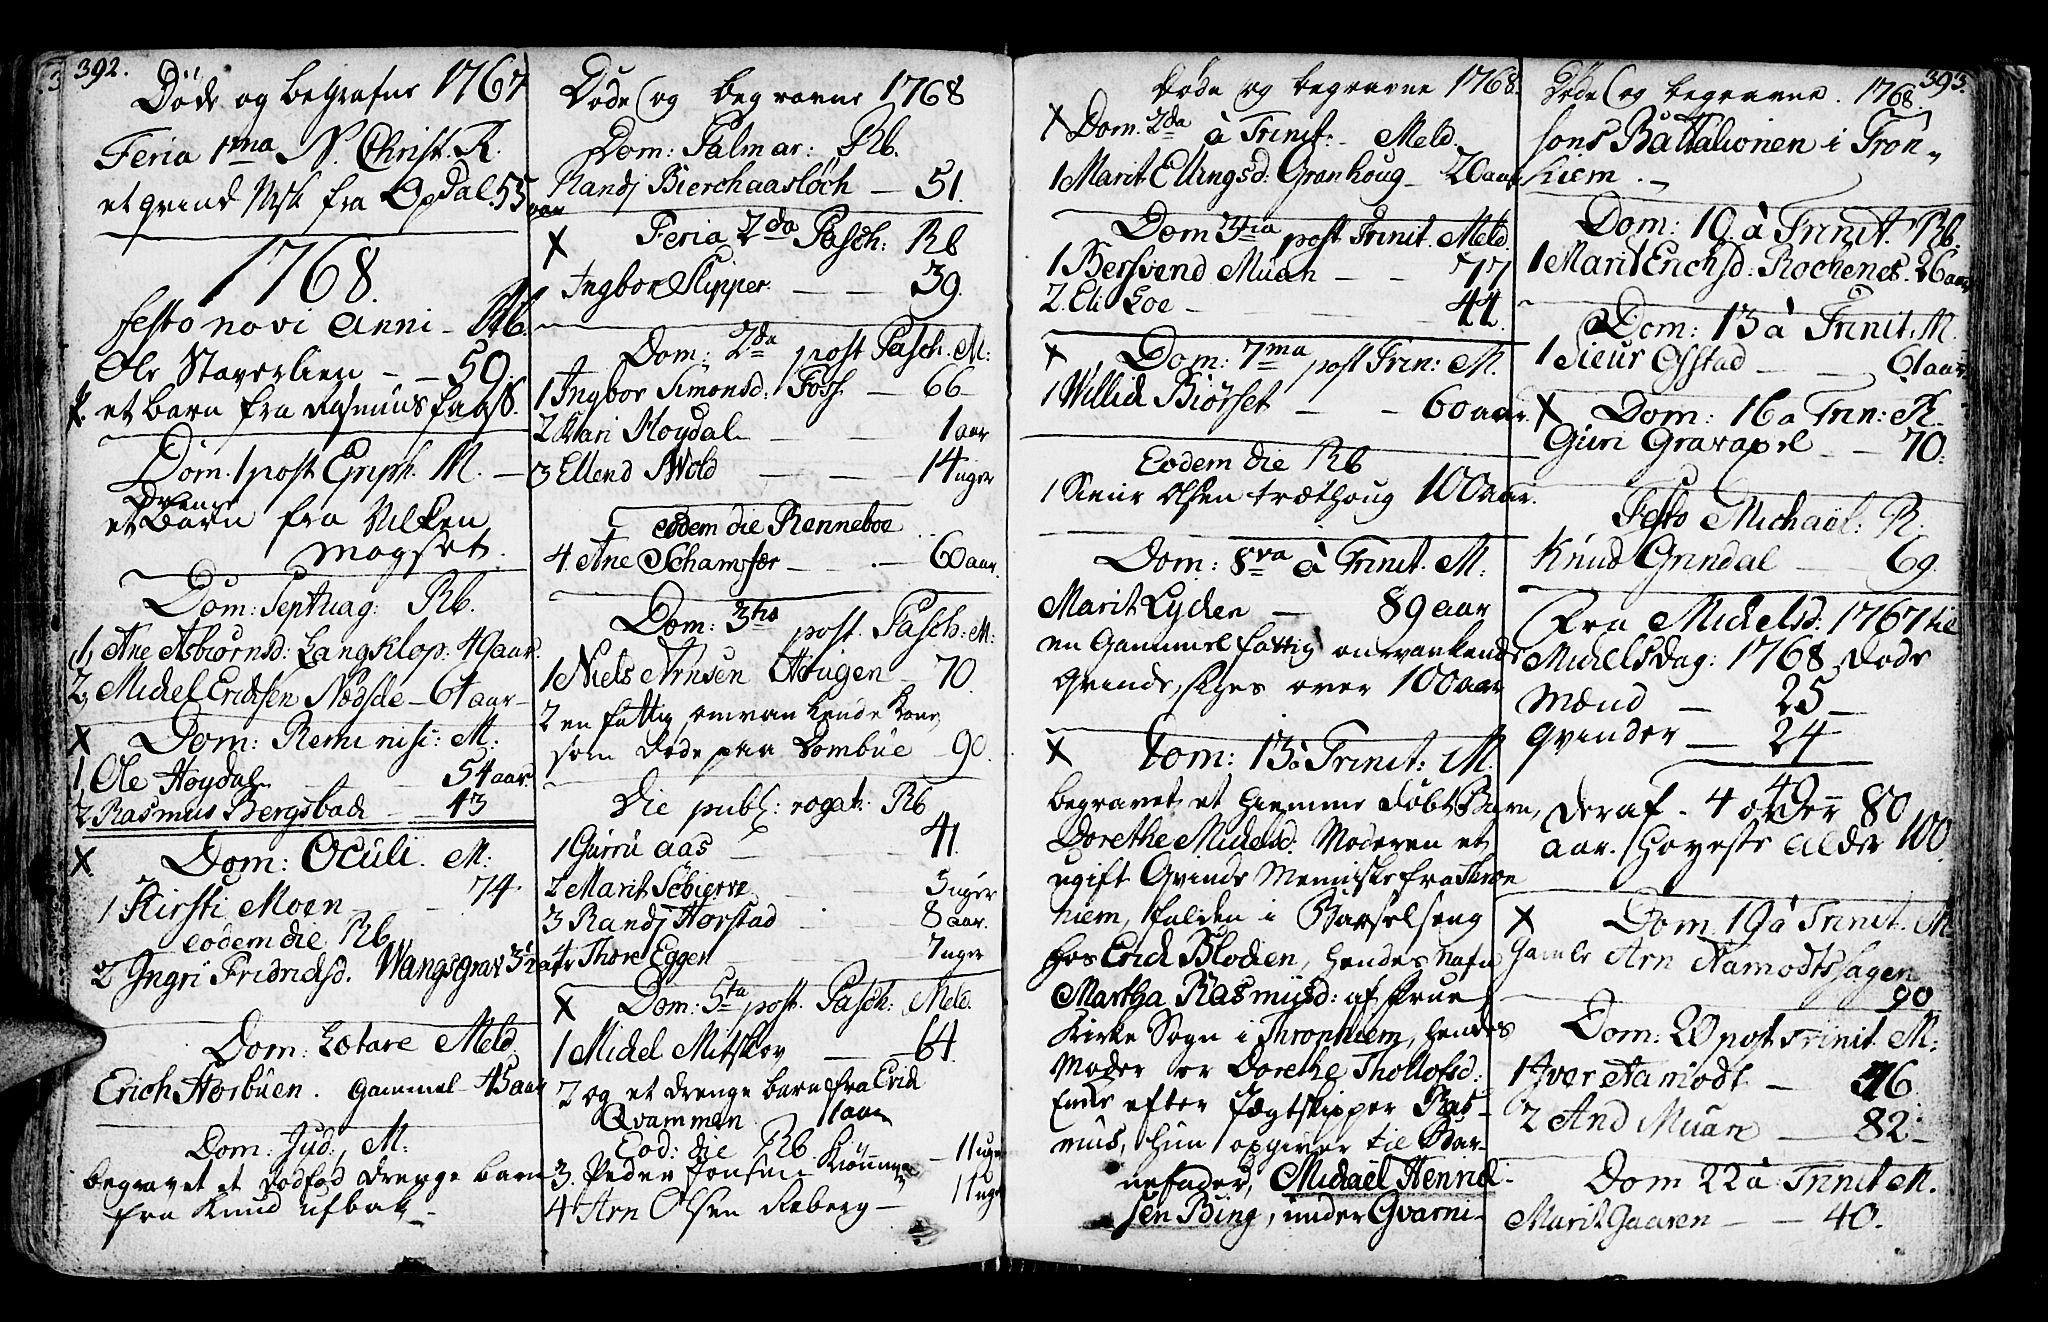 SAT, Ministerialprotokoller, klokkerbøker og fødselsregistre - Sør-Trøndelag, 672/L0851: Ministerialbok nr. 672A04, 1751-1775, s. 392-393